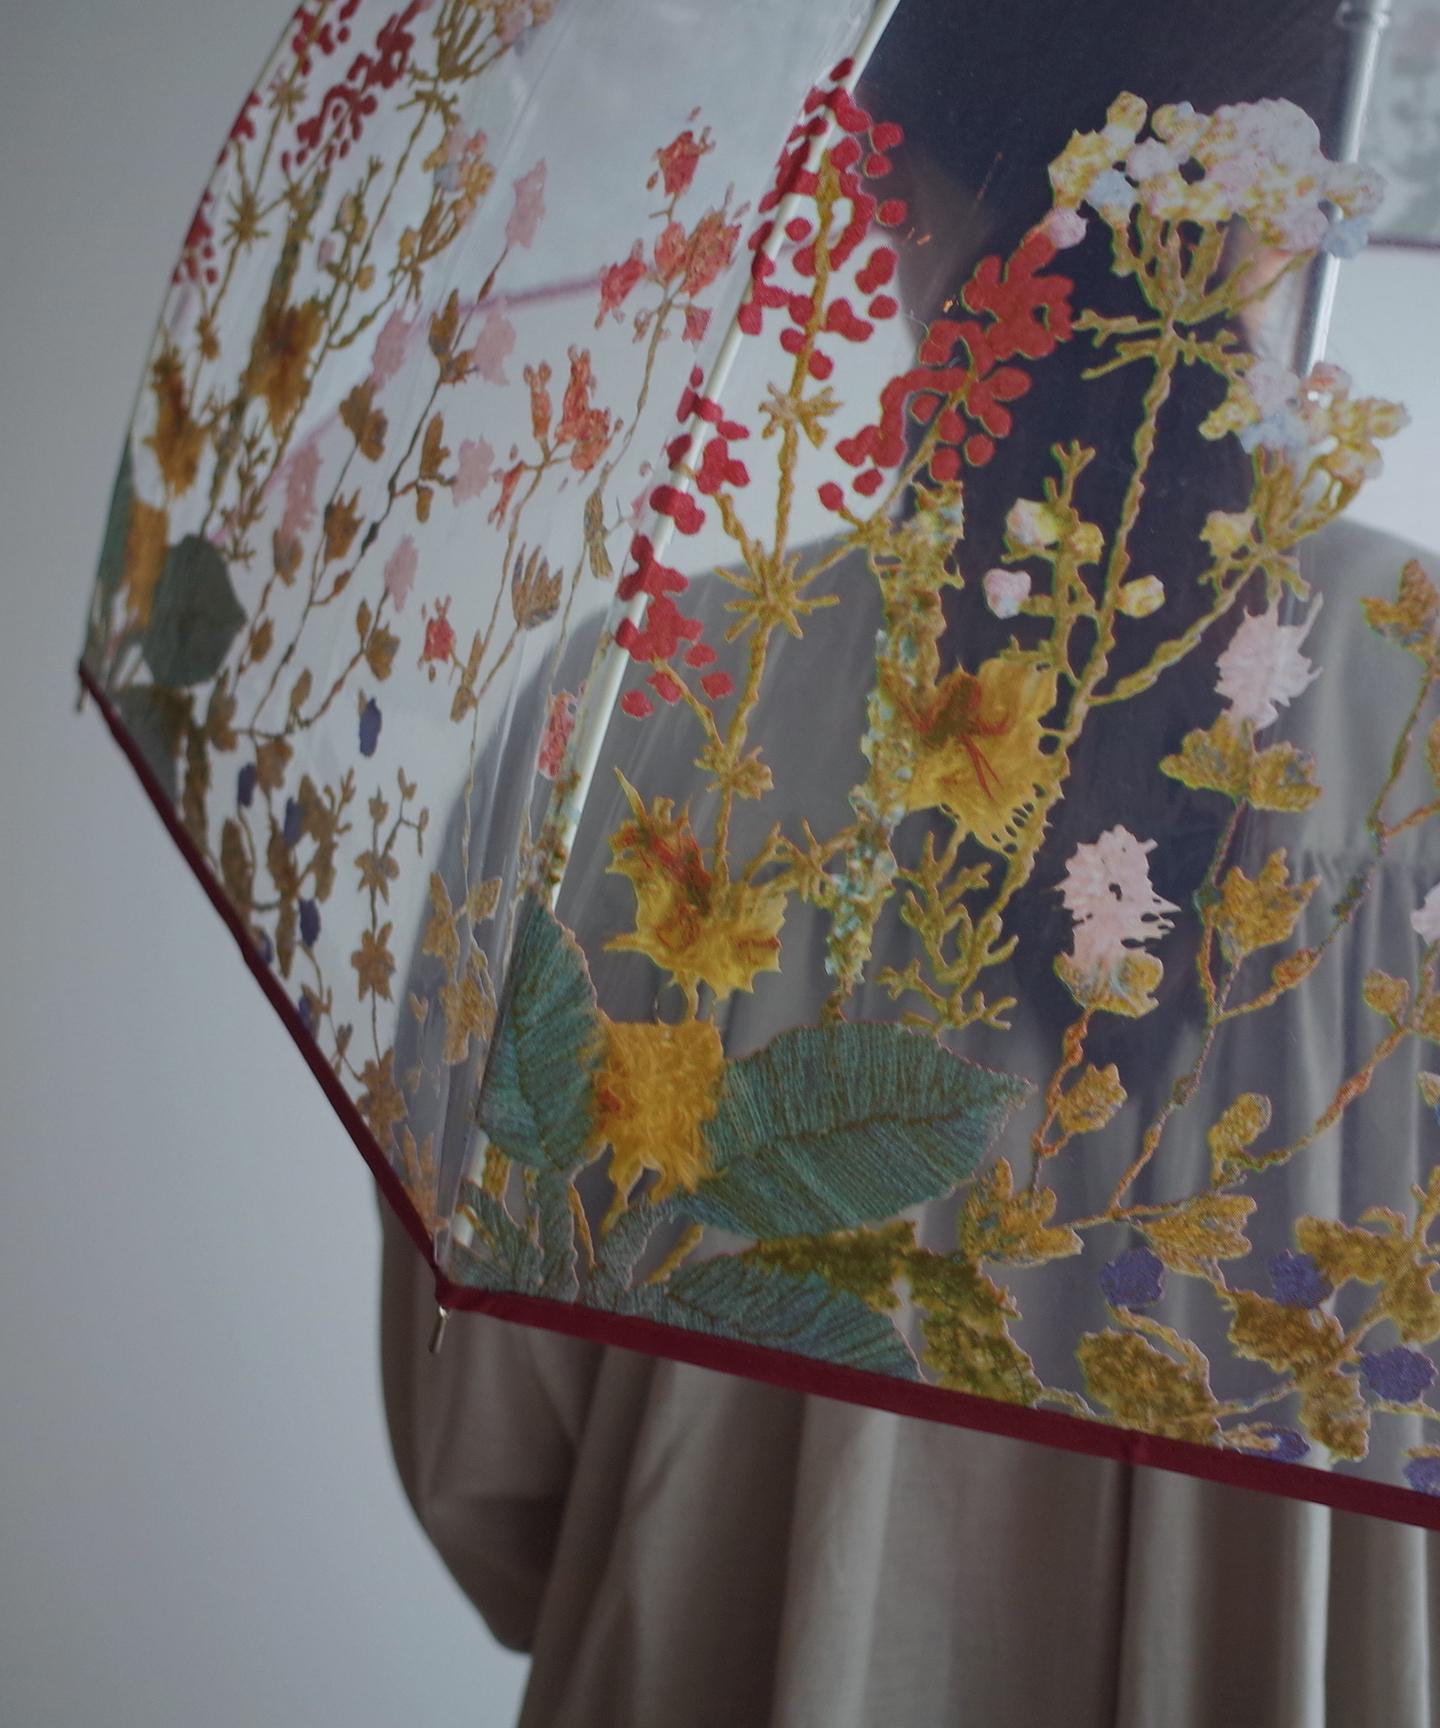 刺繍花柄プリントビニール傘  evh001  RED